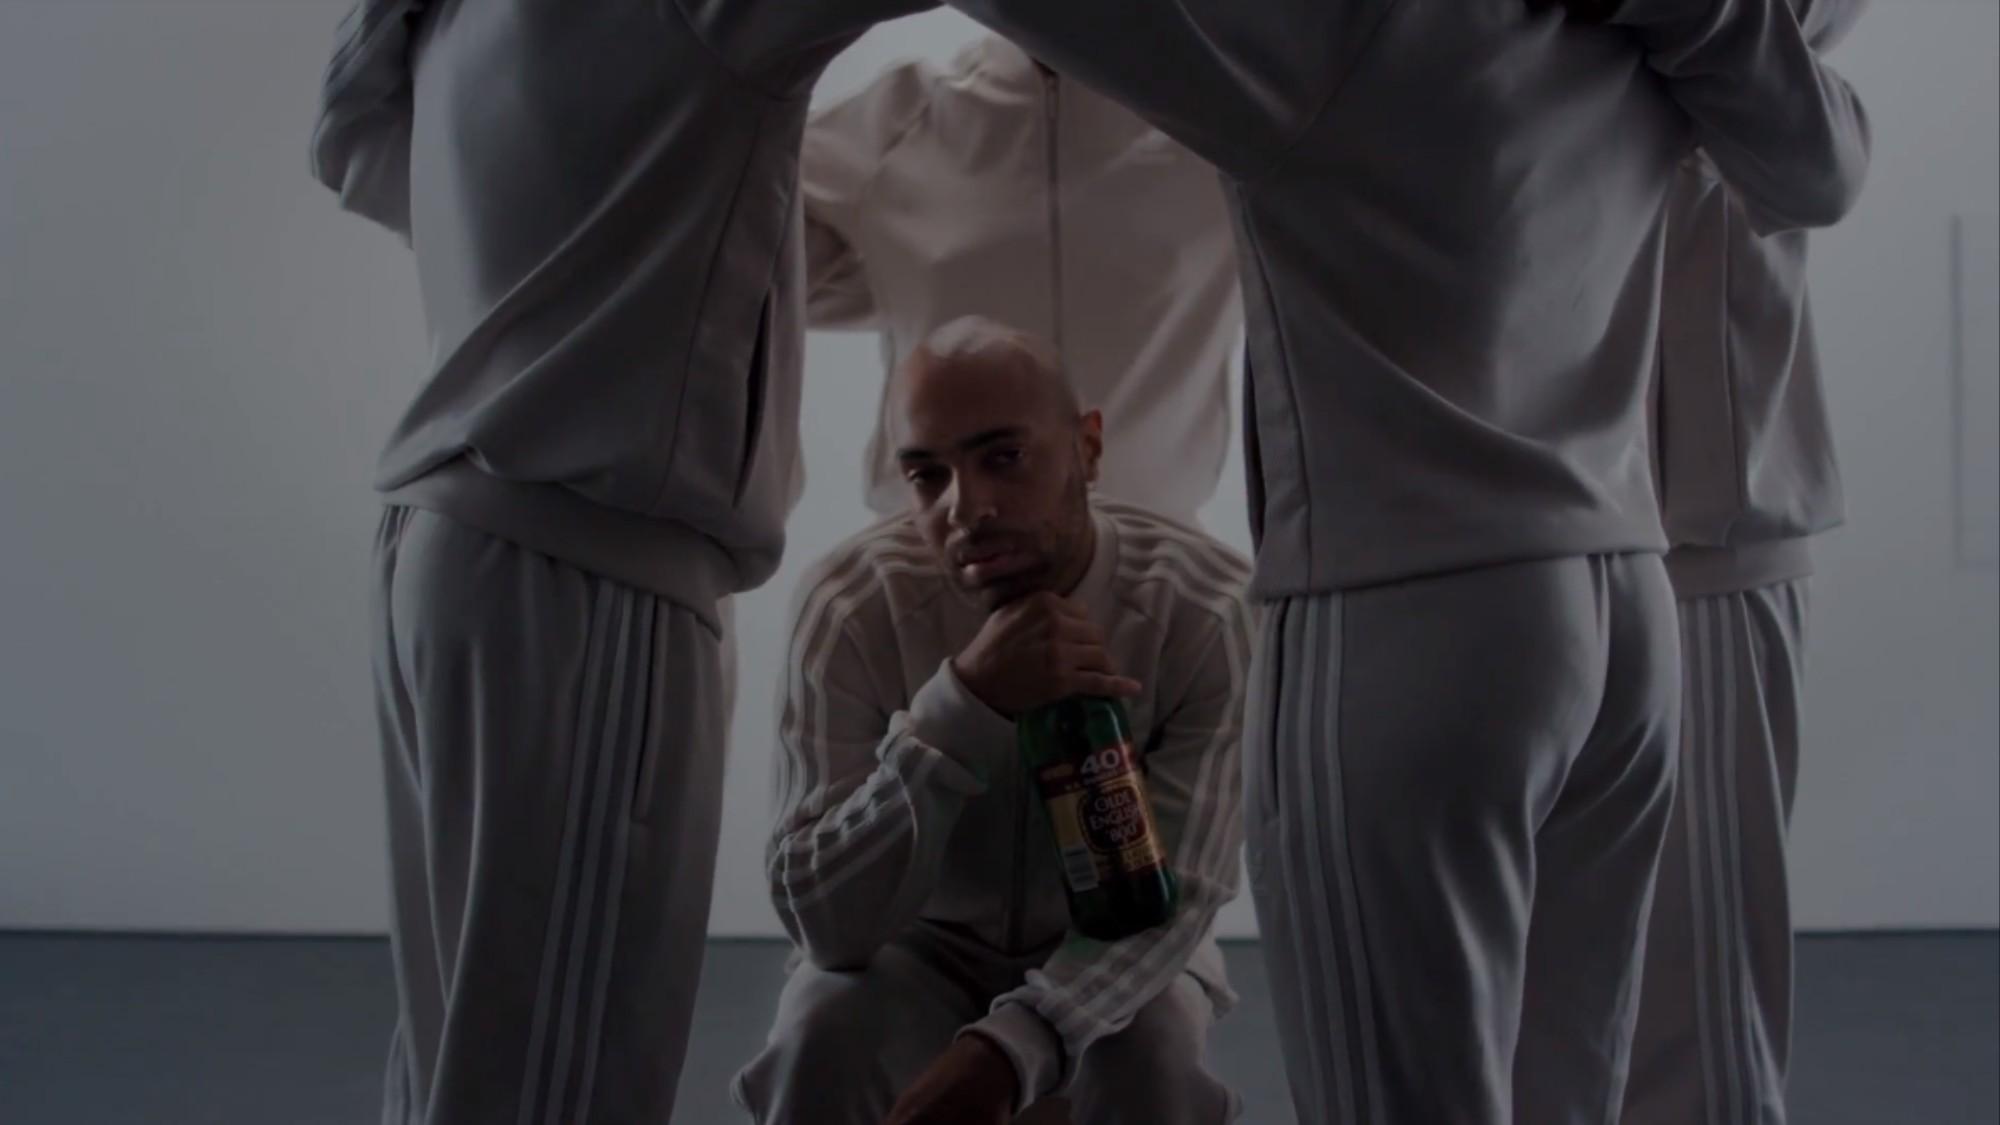 Matthew Progress' 'Sip Test' Made Us Join a Hip-House Cult - VICE